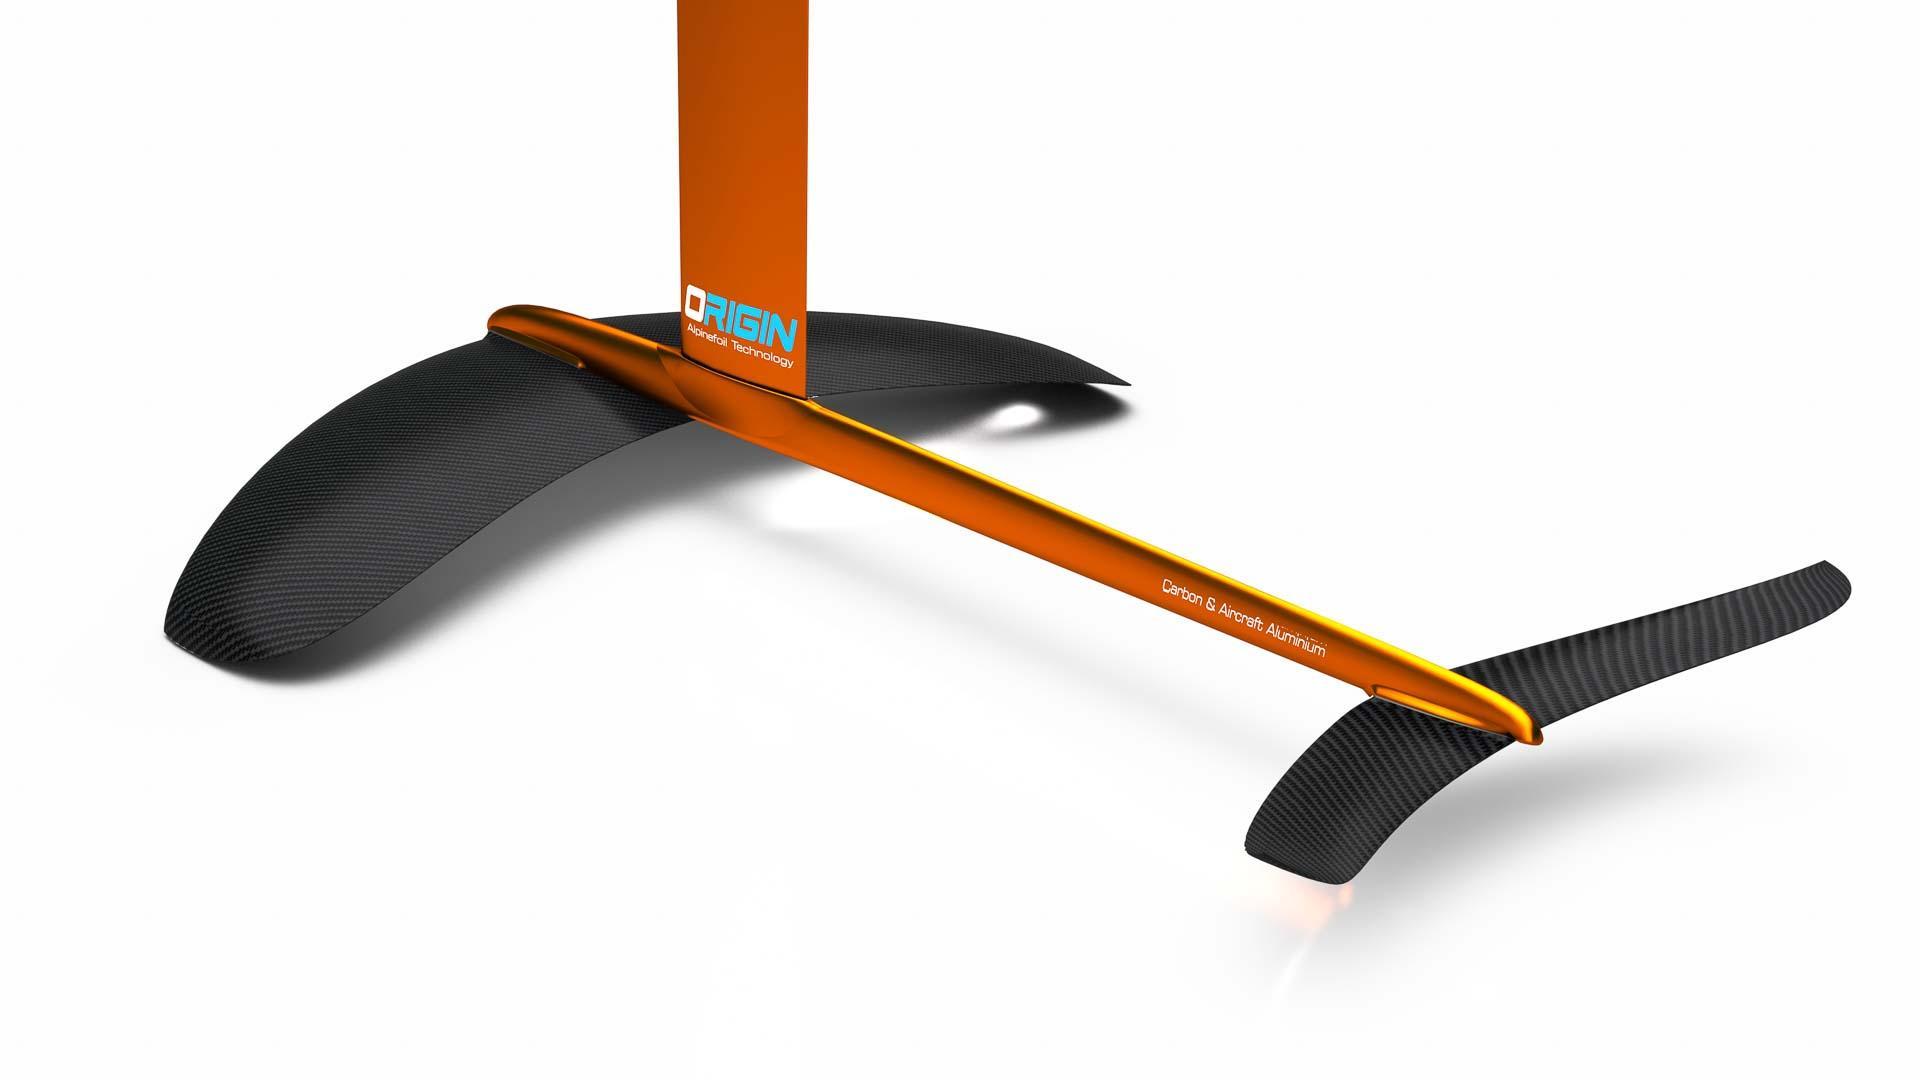 Kitefoil alpinefoil origin 23